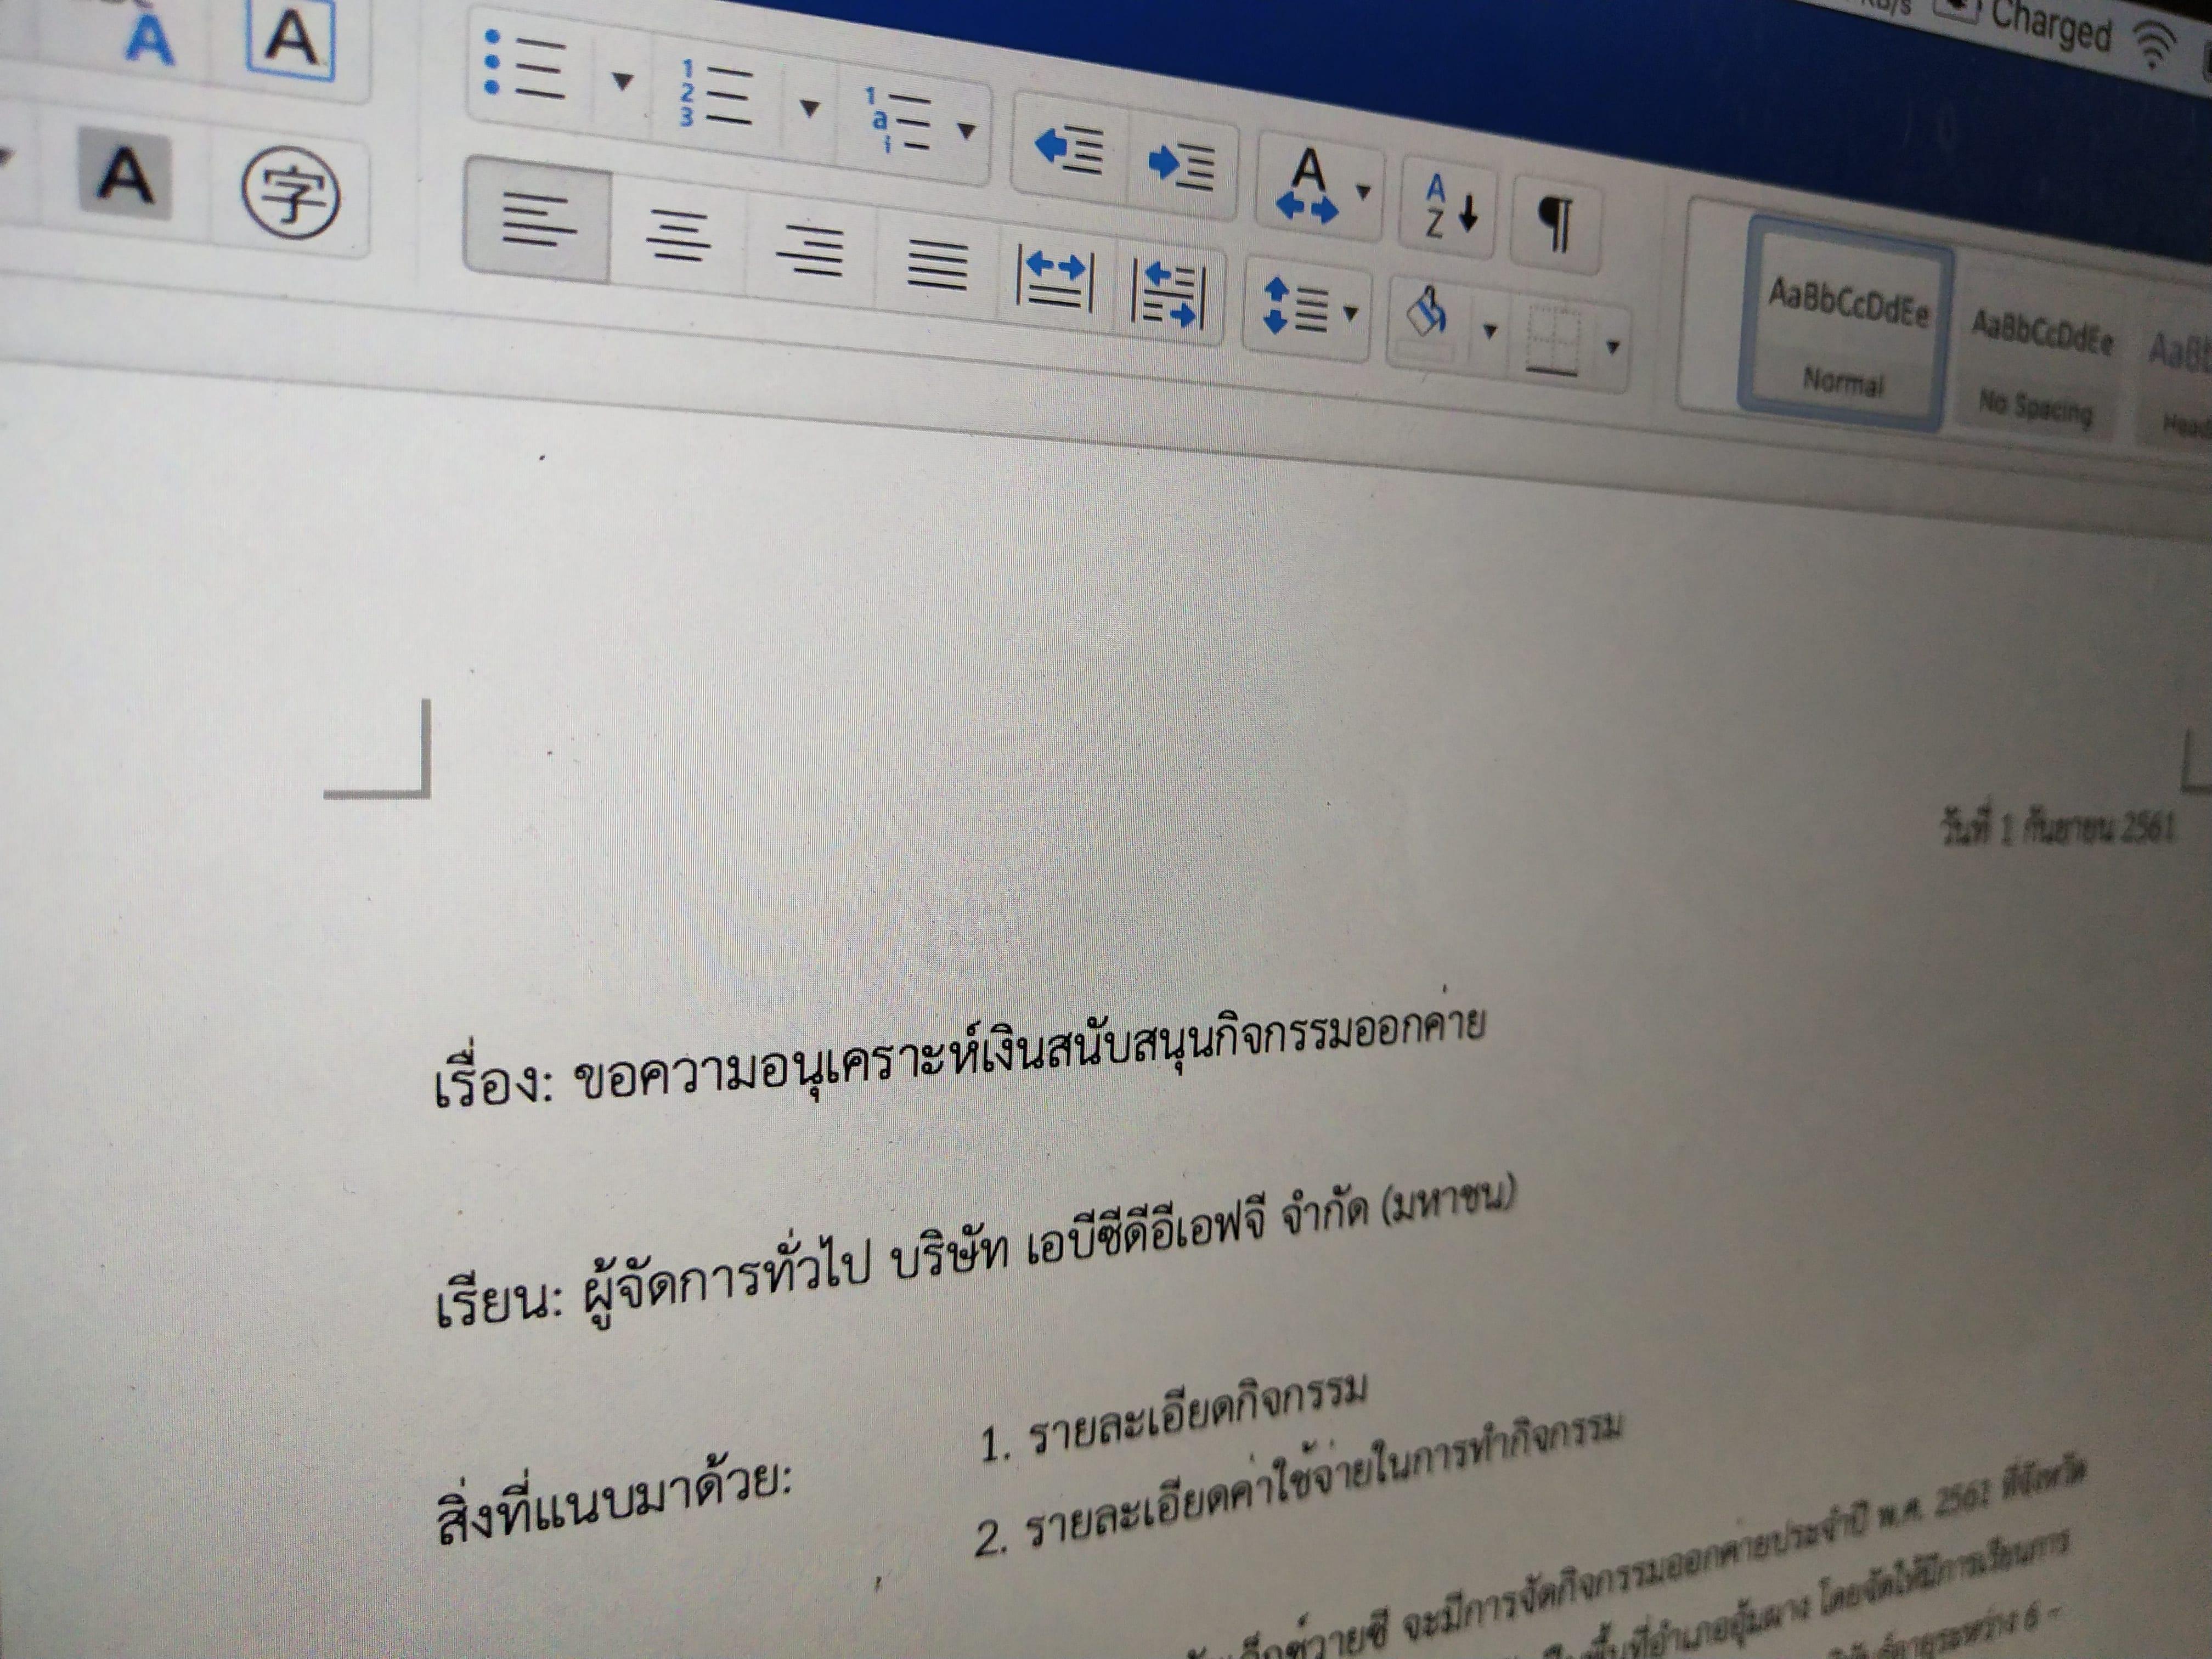 แนวทางการเขียนจดหมายหรืออีเมลถึงบุคคลหรือองค์กร เพื่อขอความอนุเคราะห์ เชิญเป็นวิทยากร หรือขอสัมภาษณ์